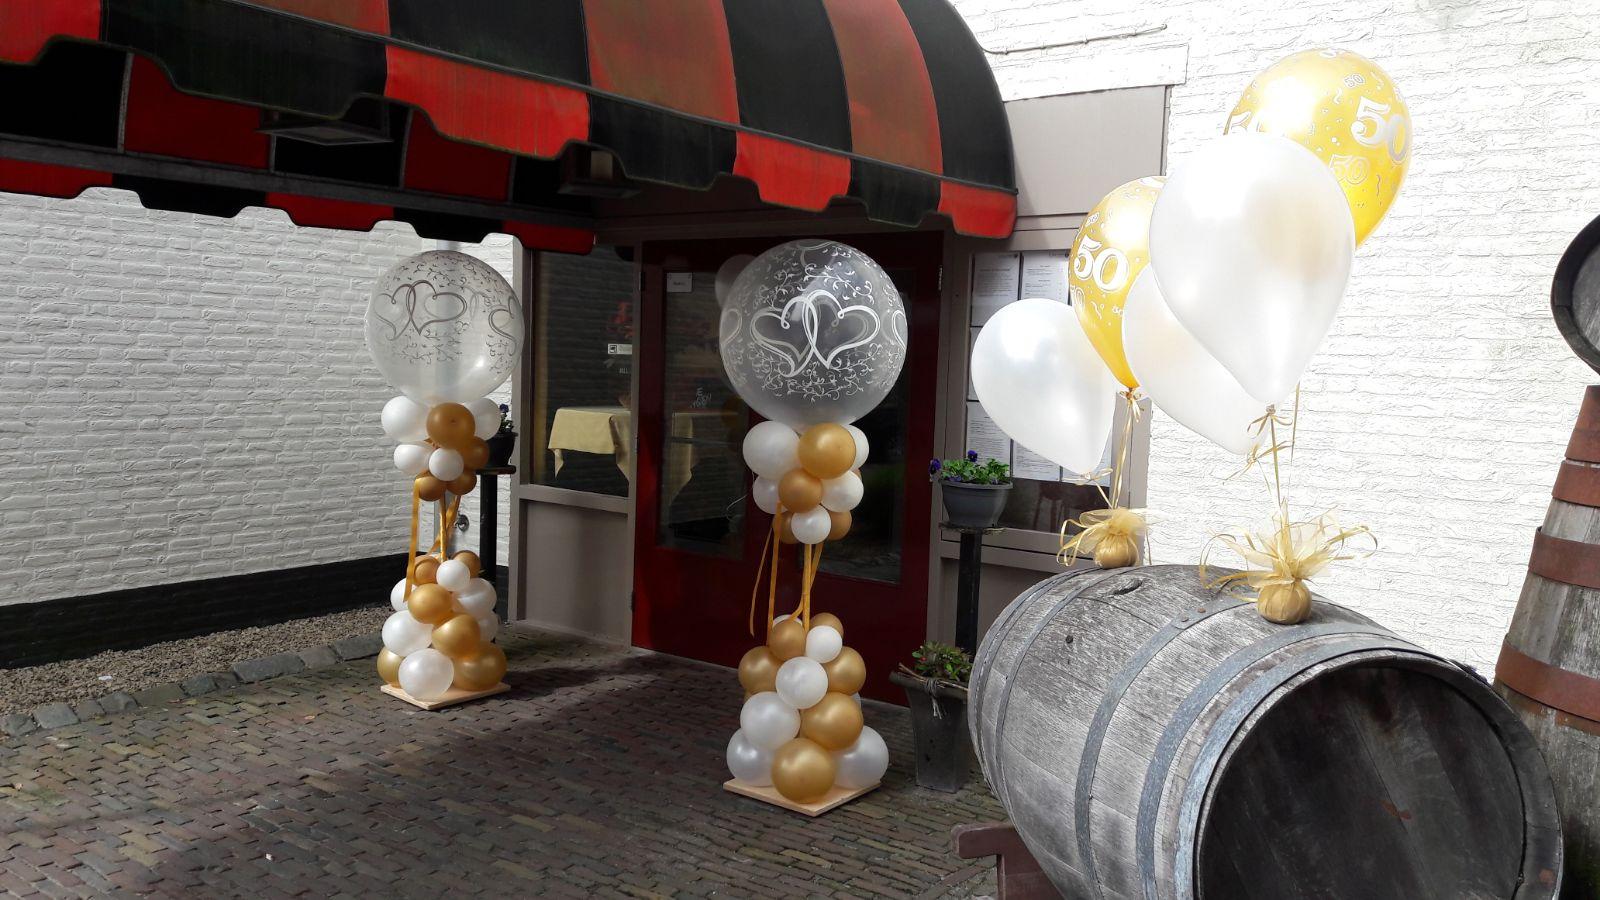 aankleding met ballonnen